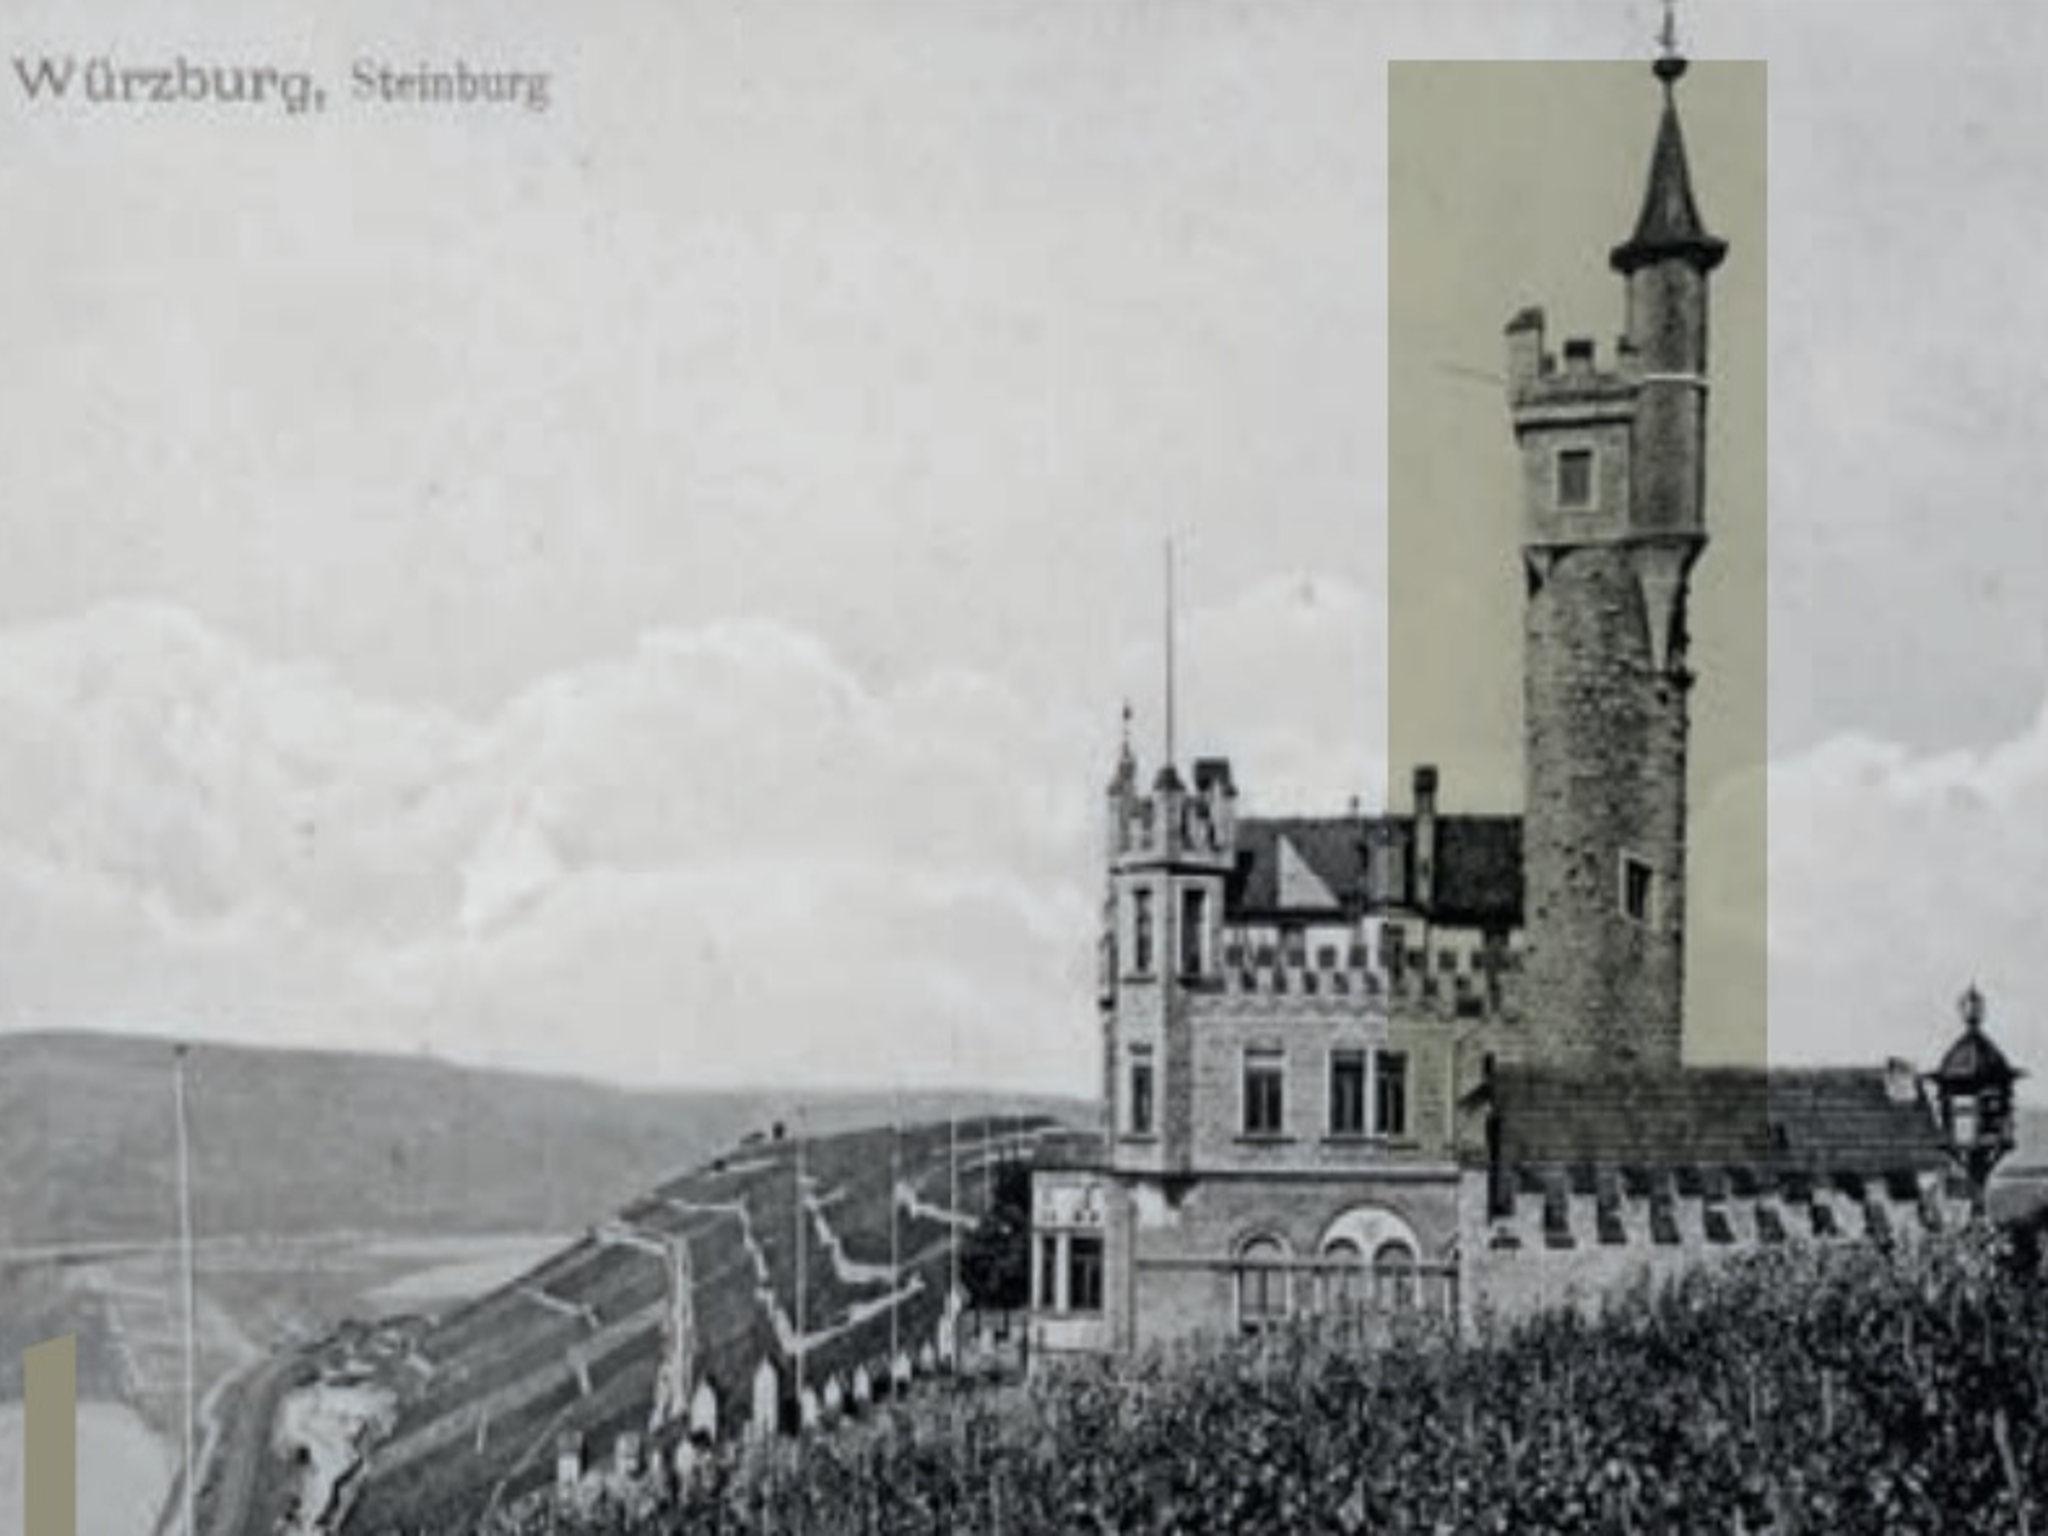 Die Steinburg um 1900. Foto: Schloss Steinburg